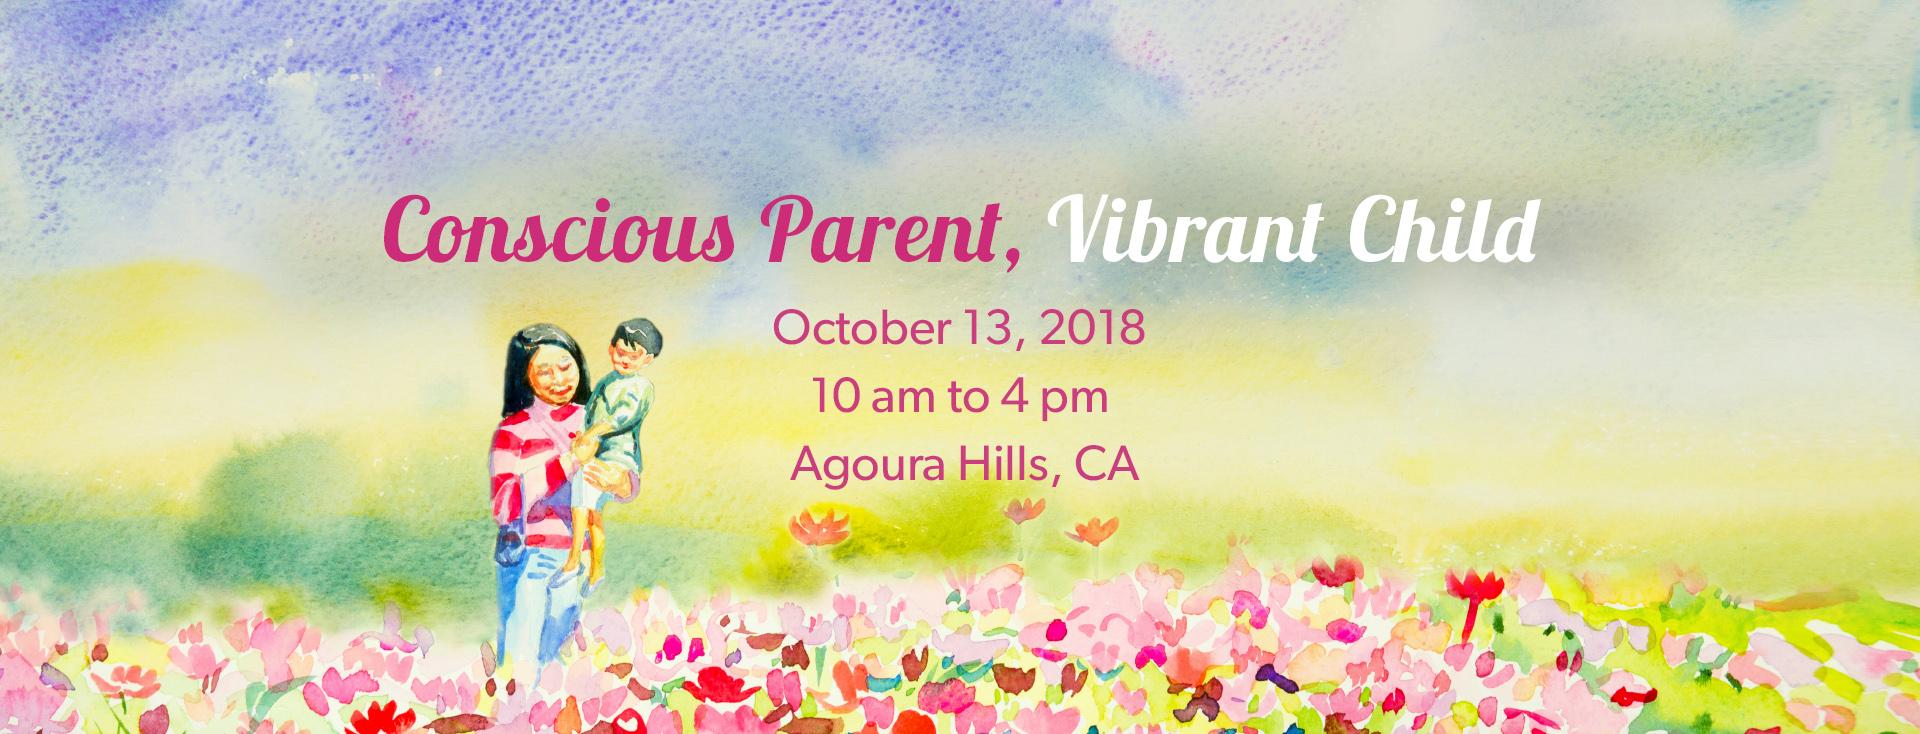 Parenting Workshop Conscious Parent Vibrant Child